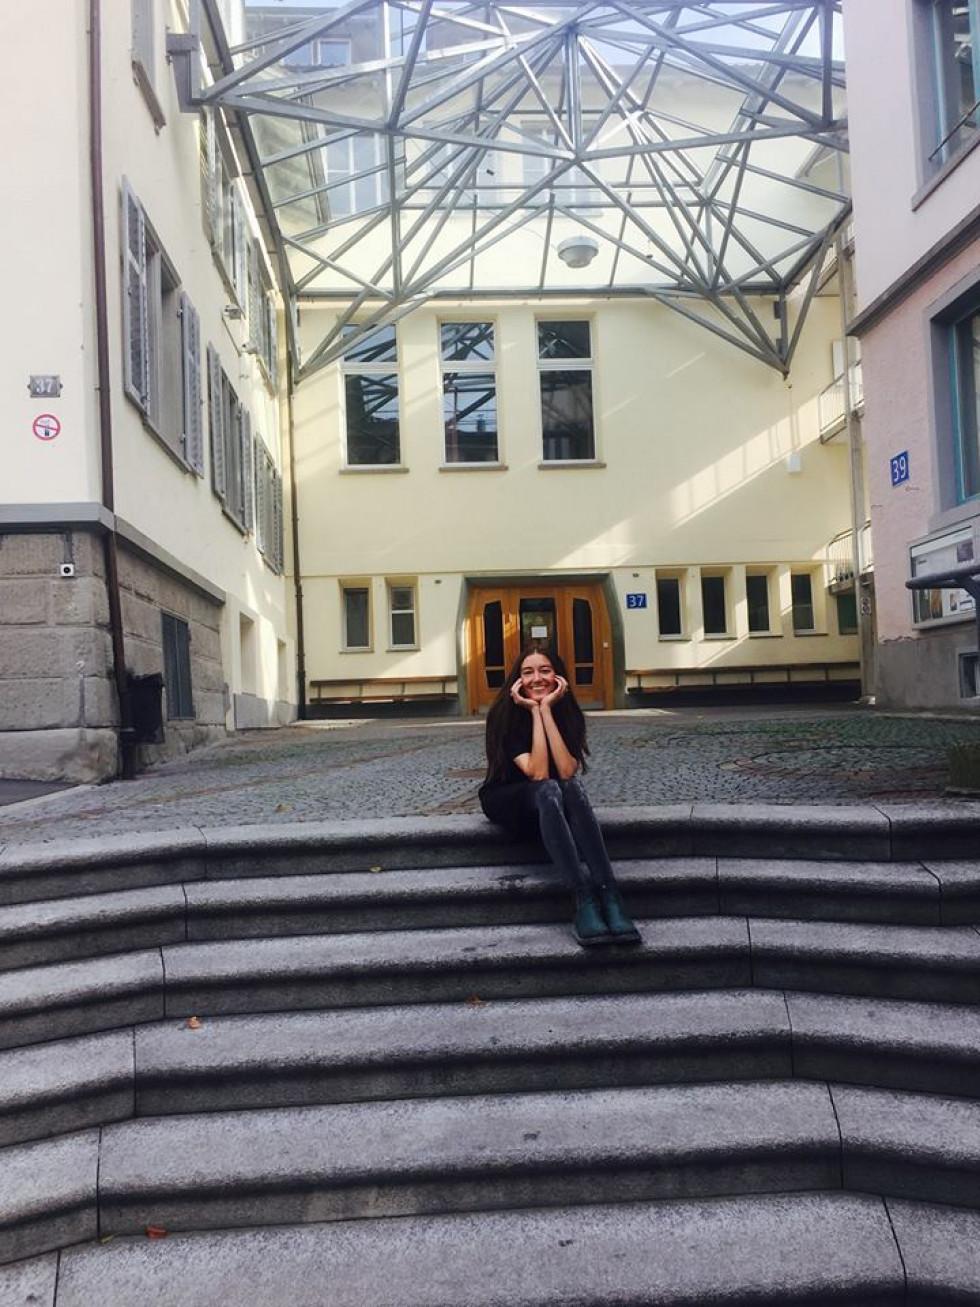 Юлія Марушко поряд із вальдорфською школою в Цюриху